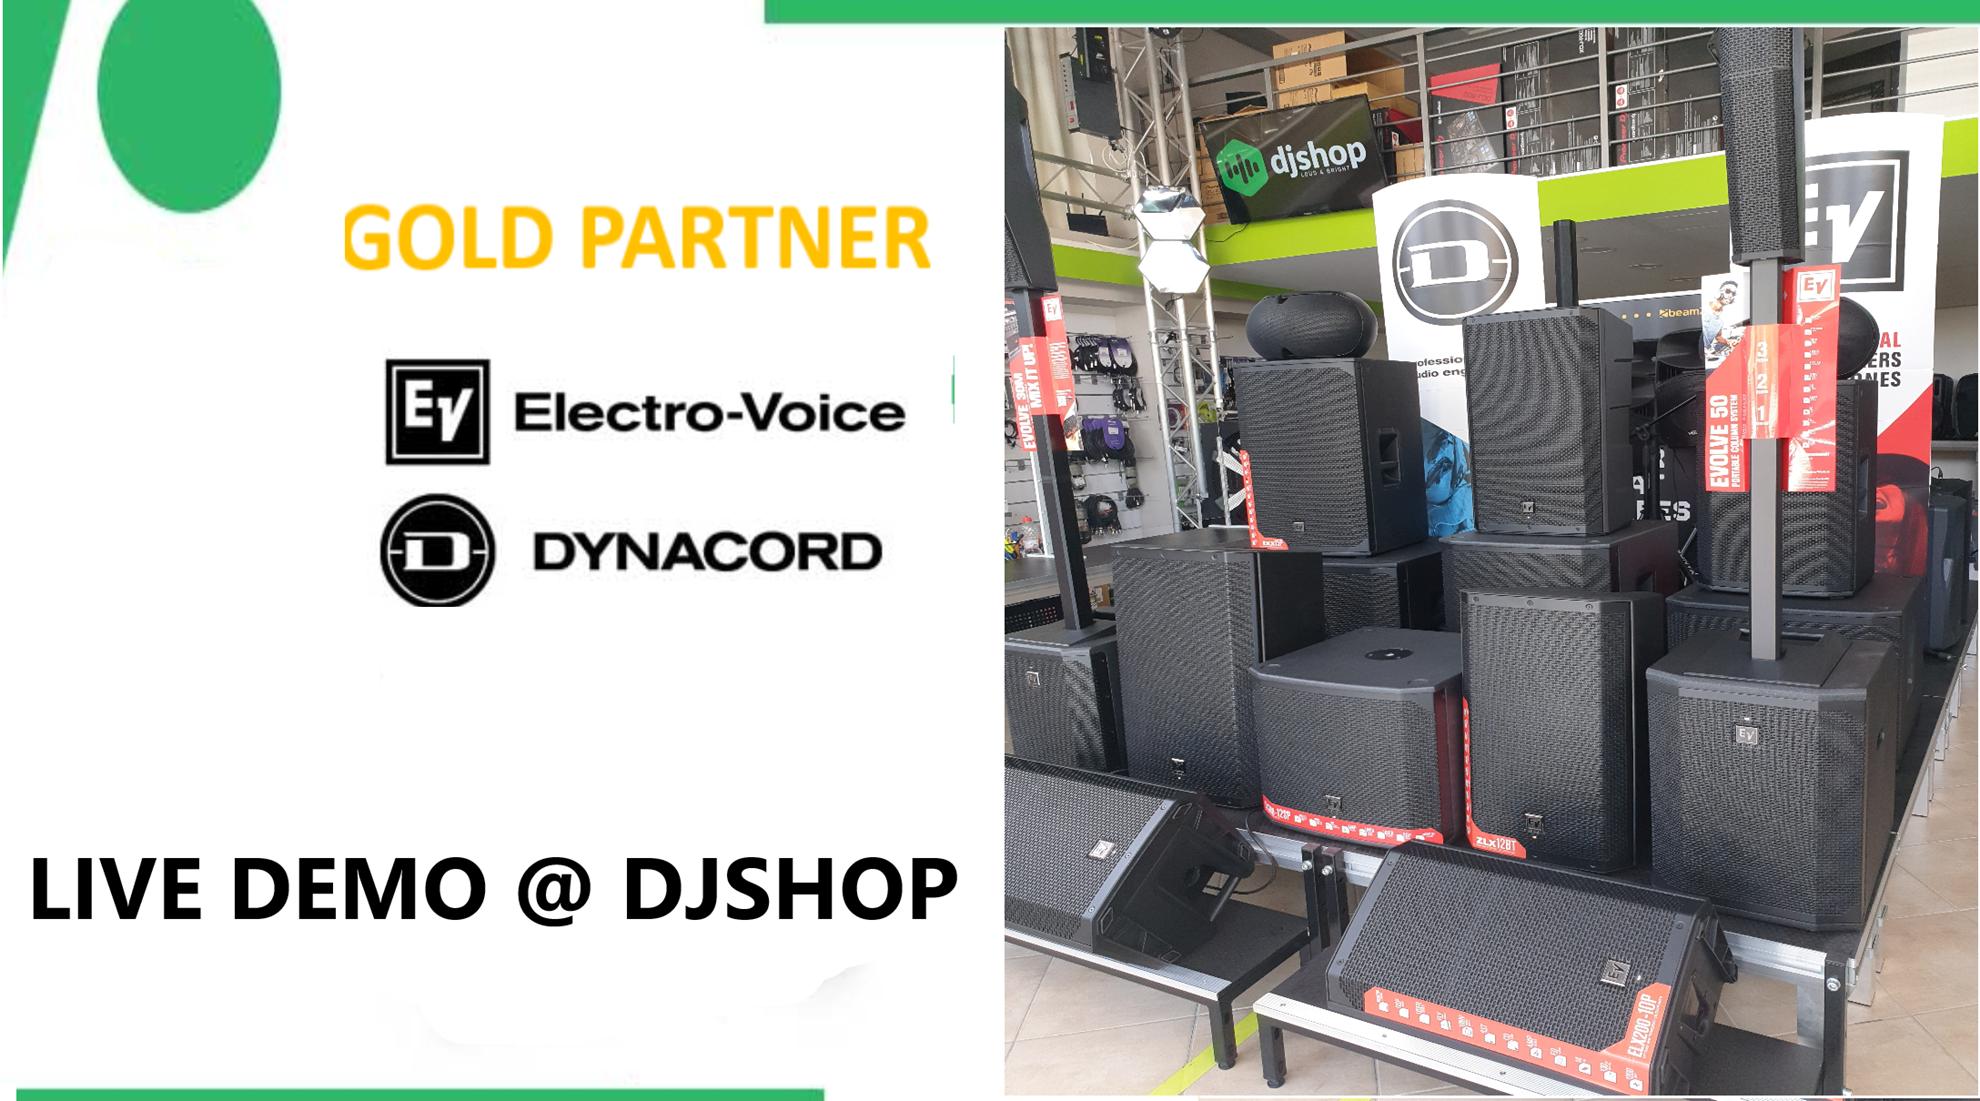 Εικόνα για την κατηγορία EV & Dynacord Gold Partner live demo @djshop!